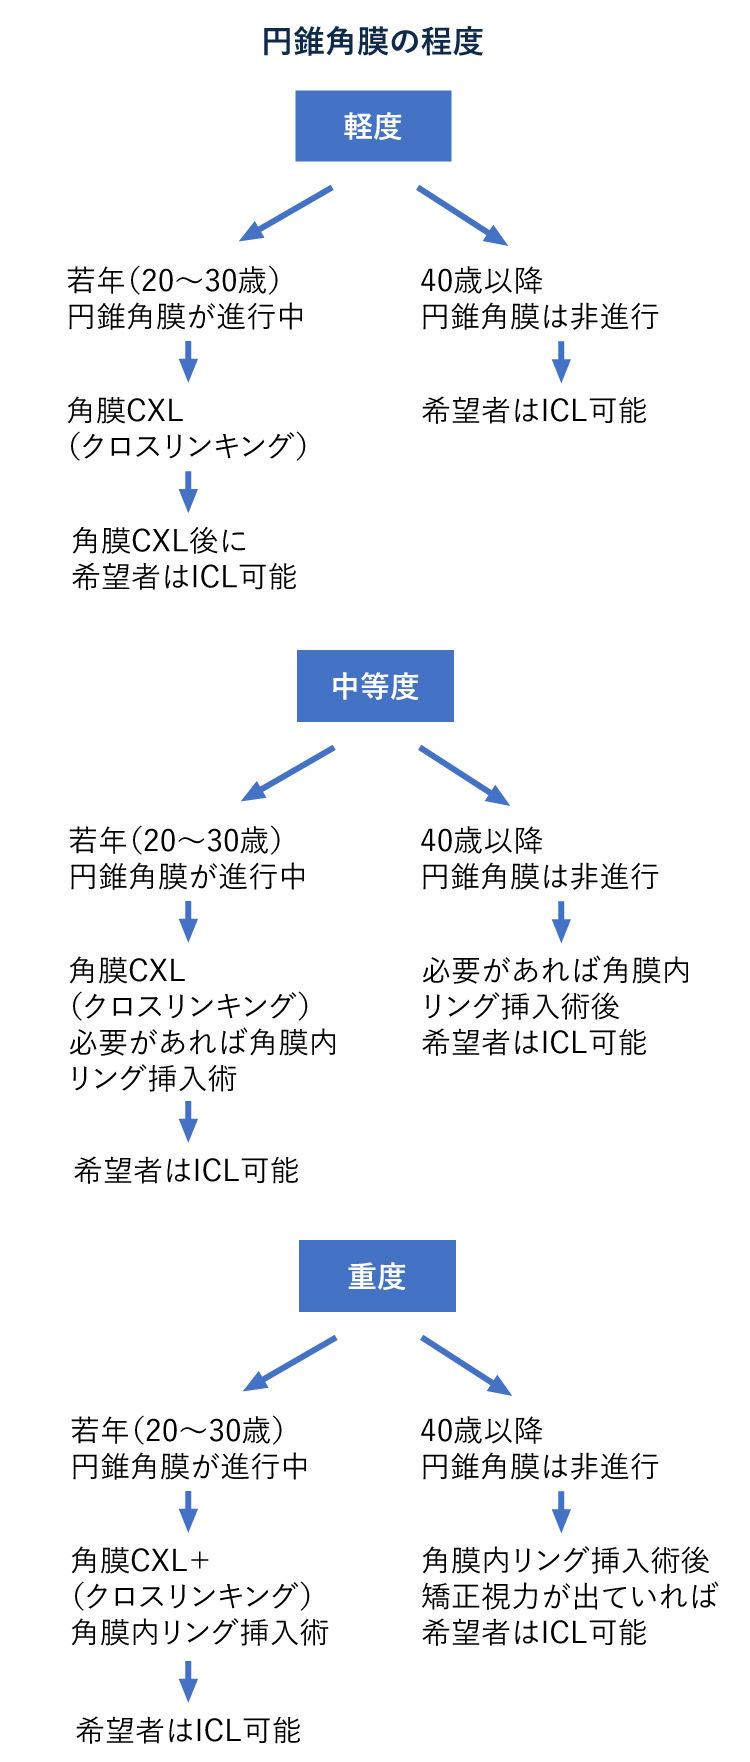 円錐角膜の治療とICLフローチャート